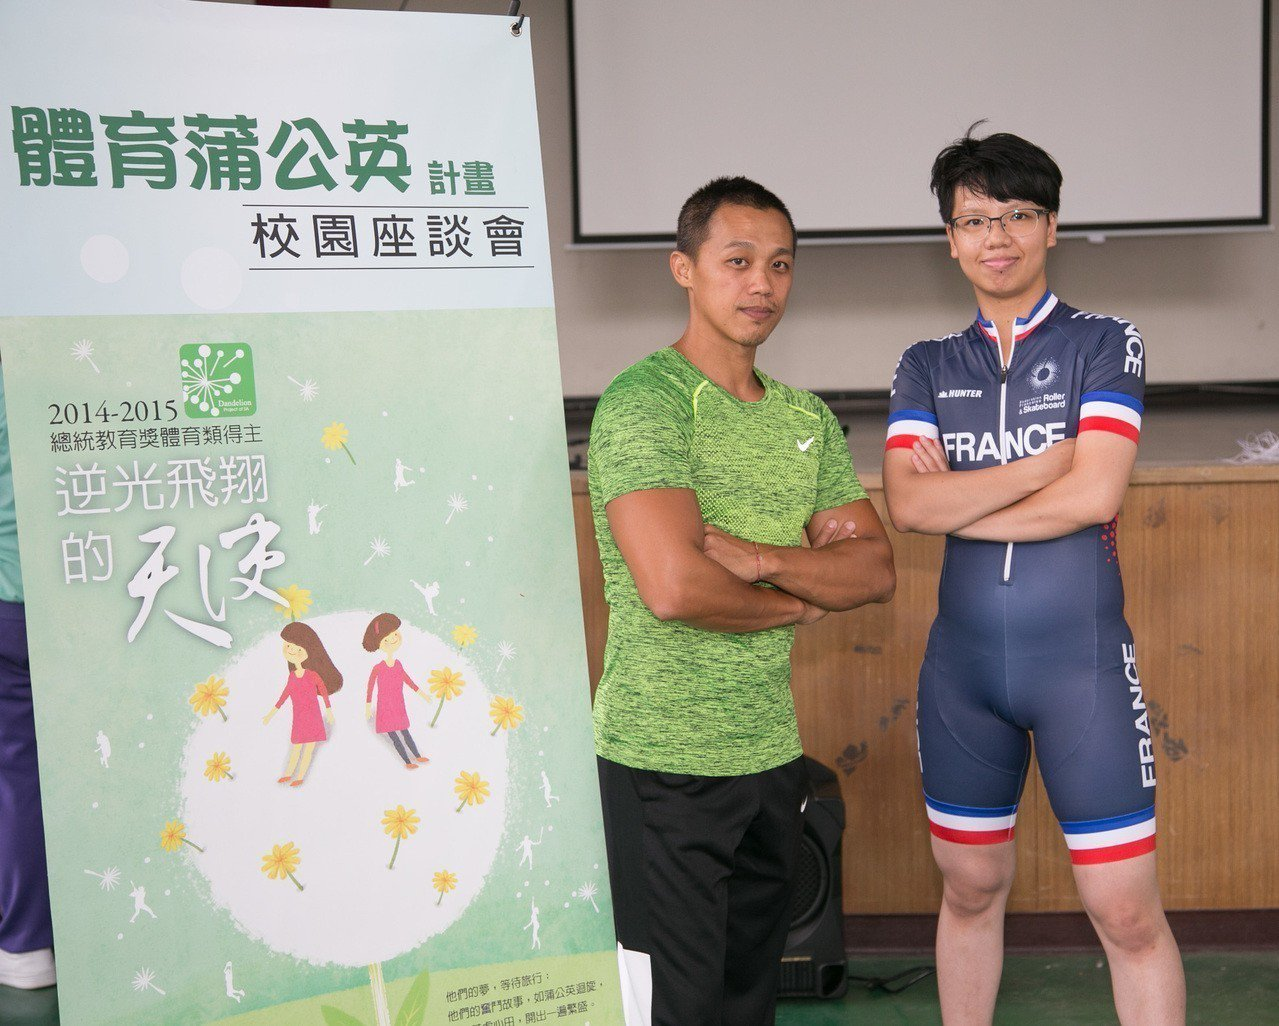 體操選手黃怡學(左)與競速滑冰選手薛楚頻。 國立體大提供